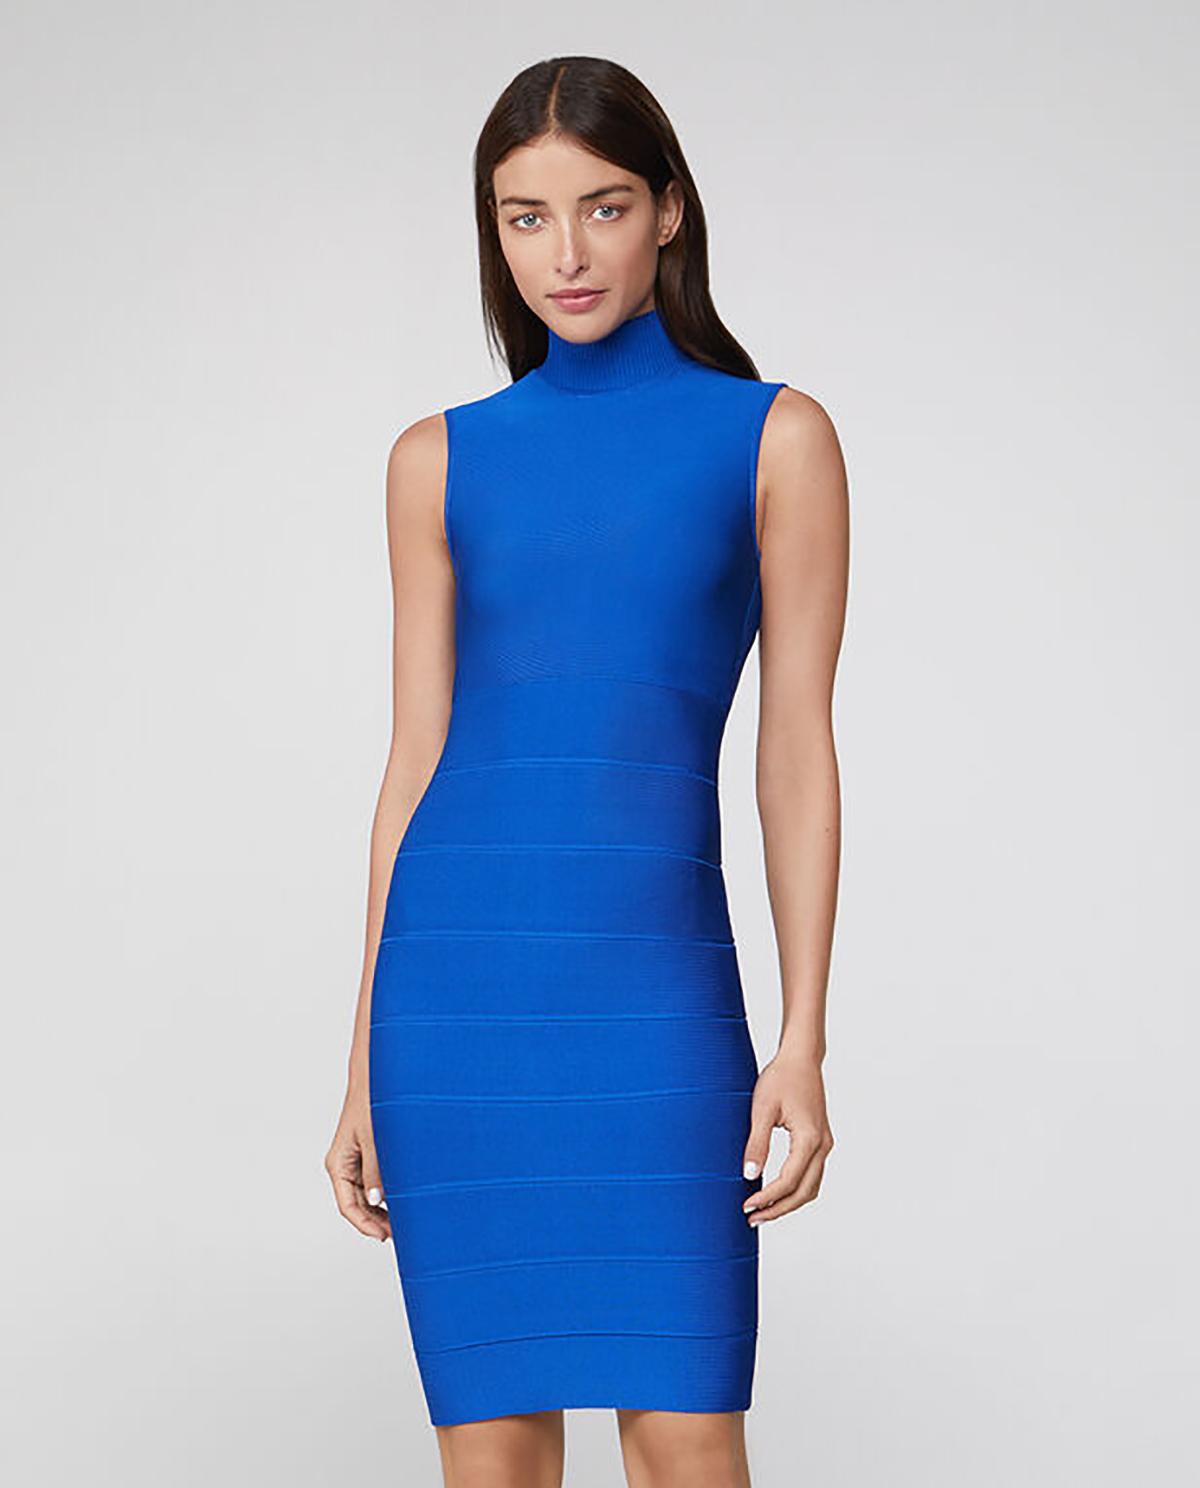 Niebieska sukienka z golfem Herve Leger 46HLT8269898-480